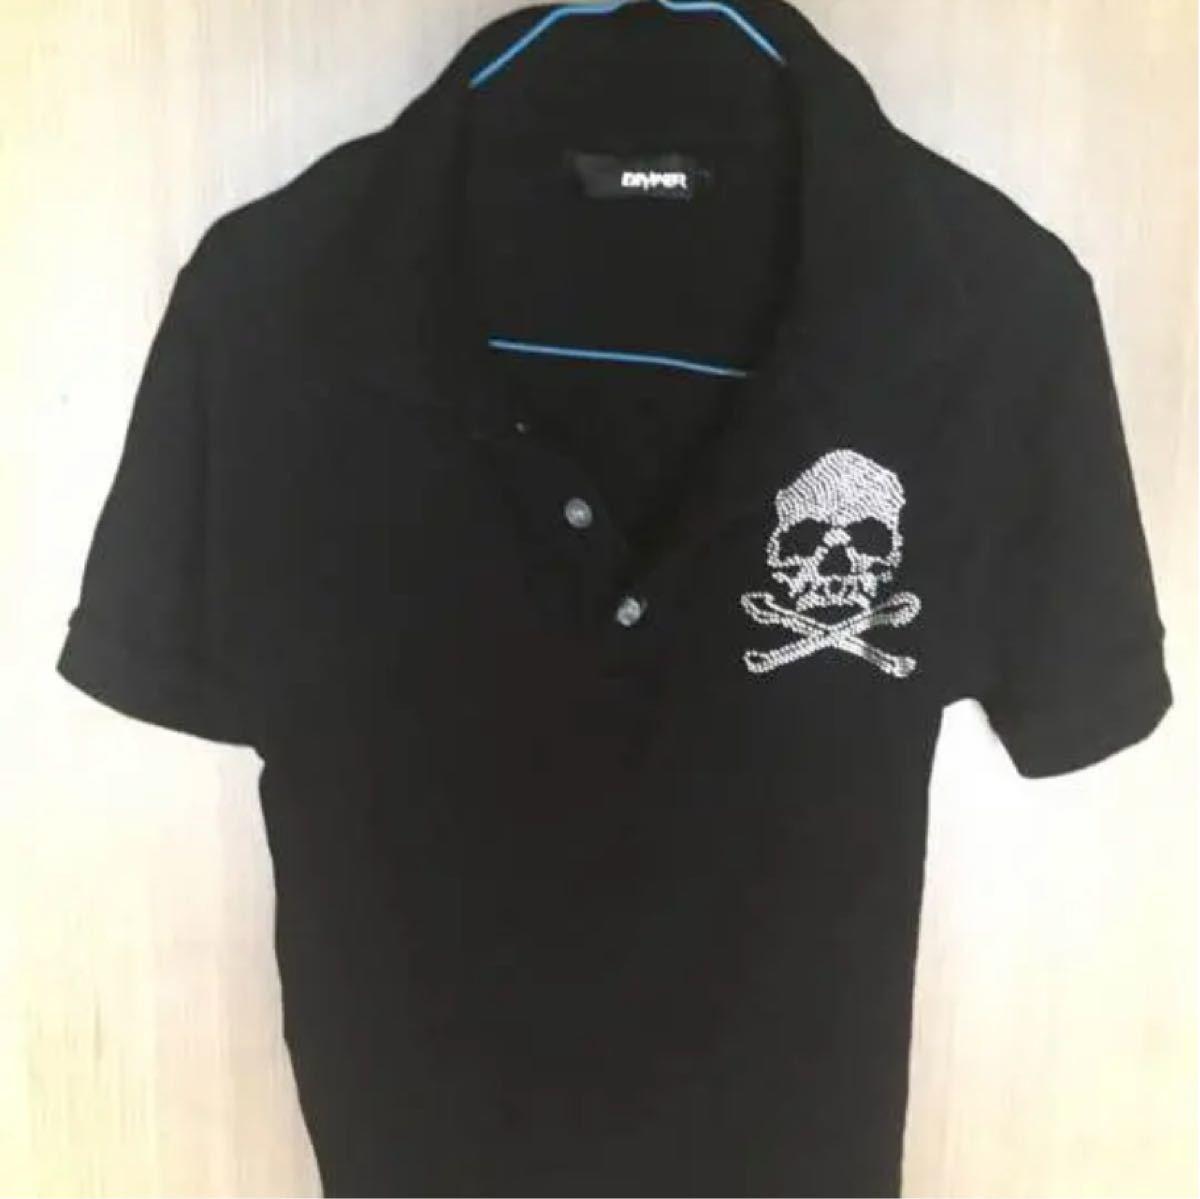 ポロシャツ DIVINER japan スカル 黒 半袖シャツ